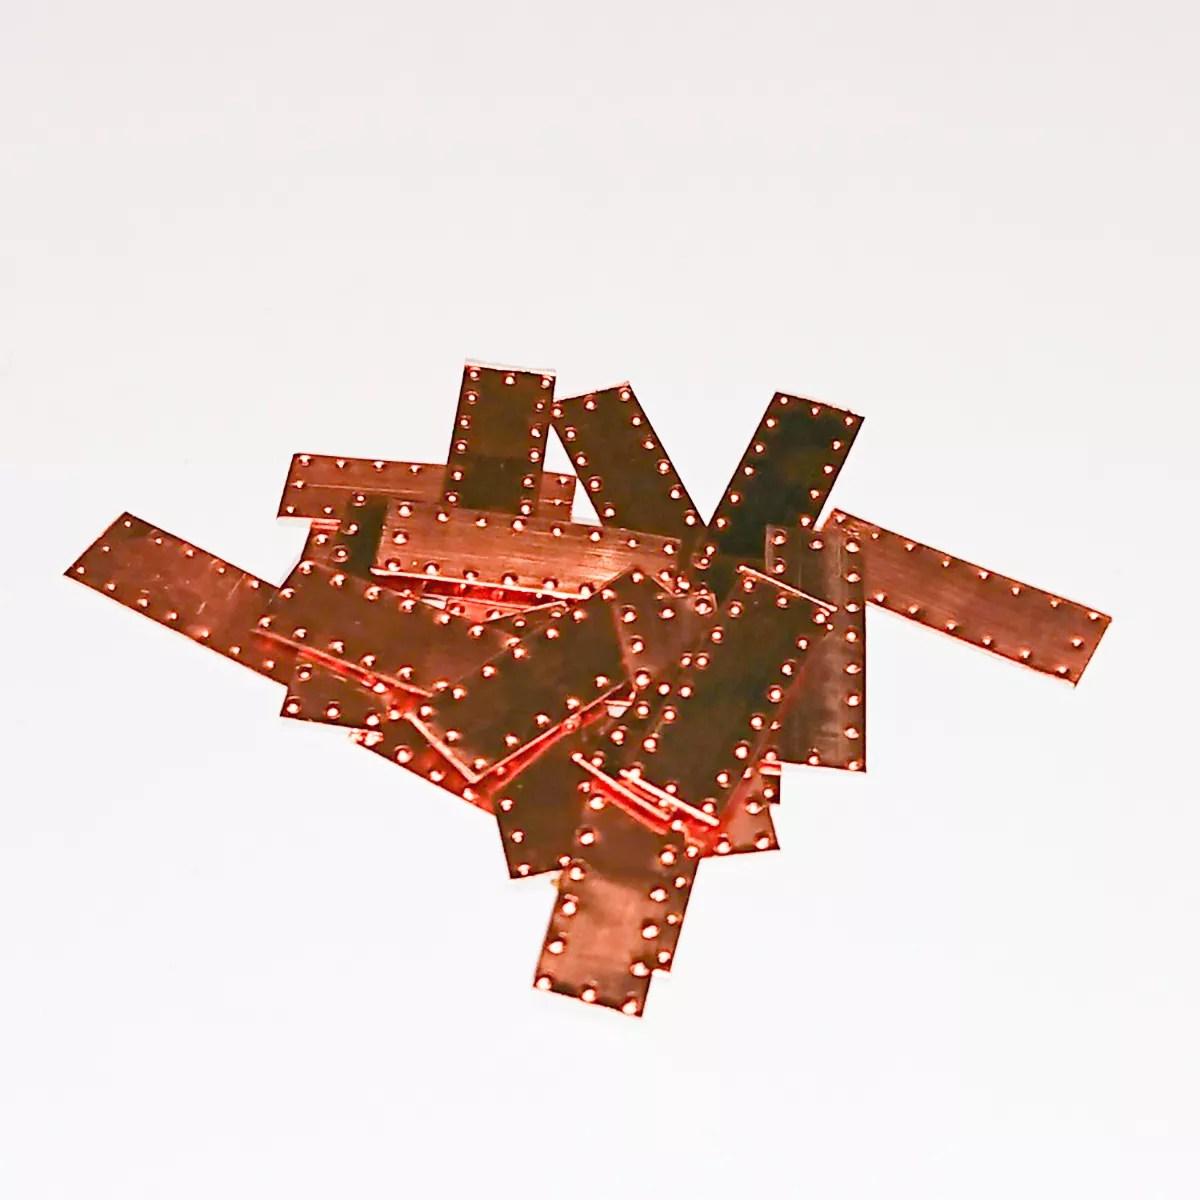 Vörösréz lemez 5 x 15 mm Kiegészítők